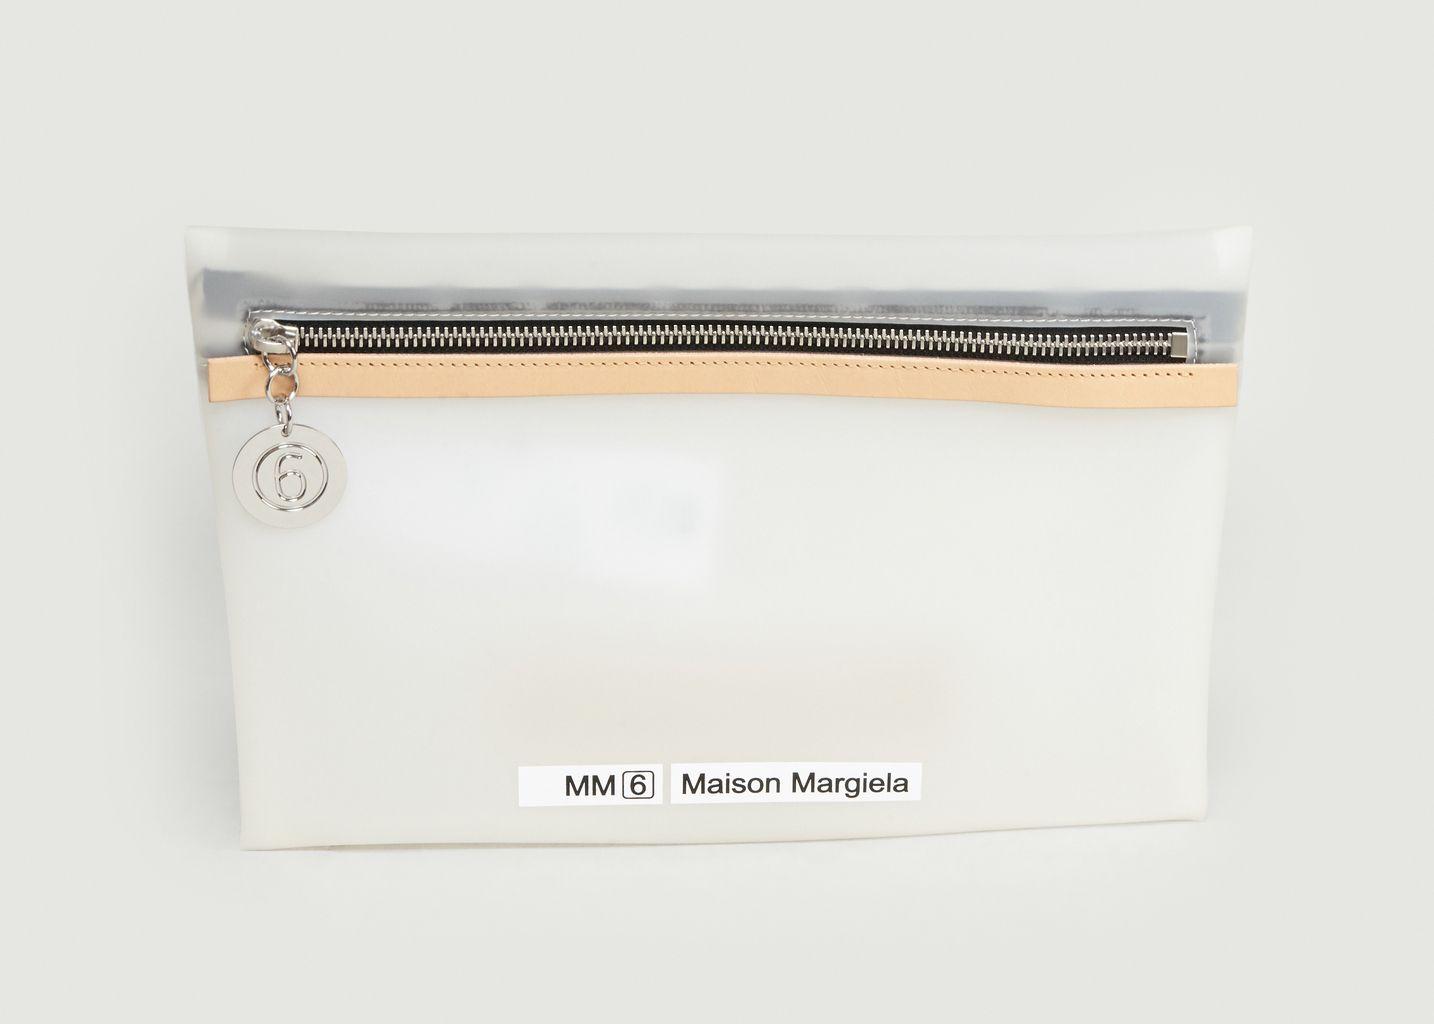 Pochette Zippée Logotypée - MM6